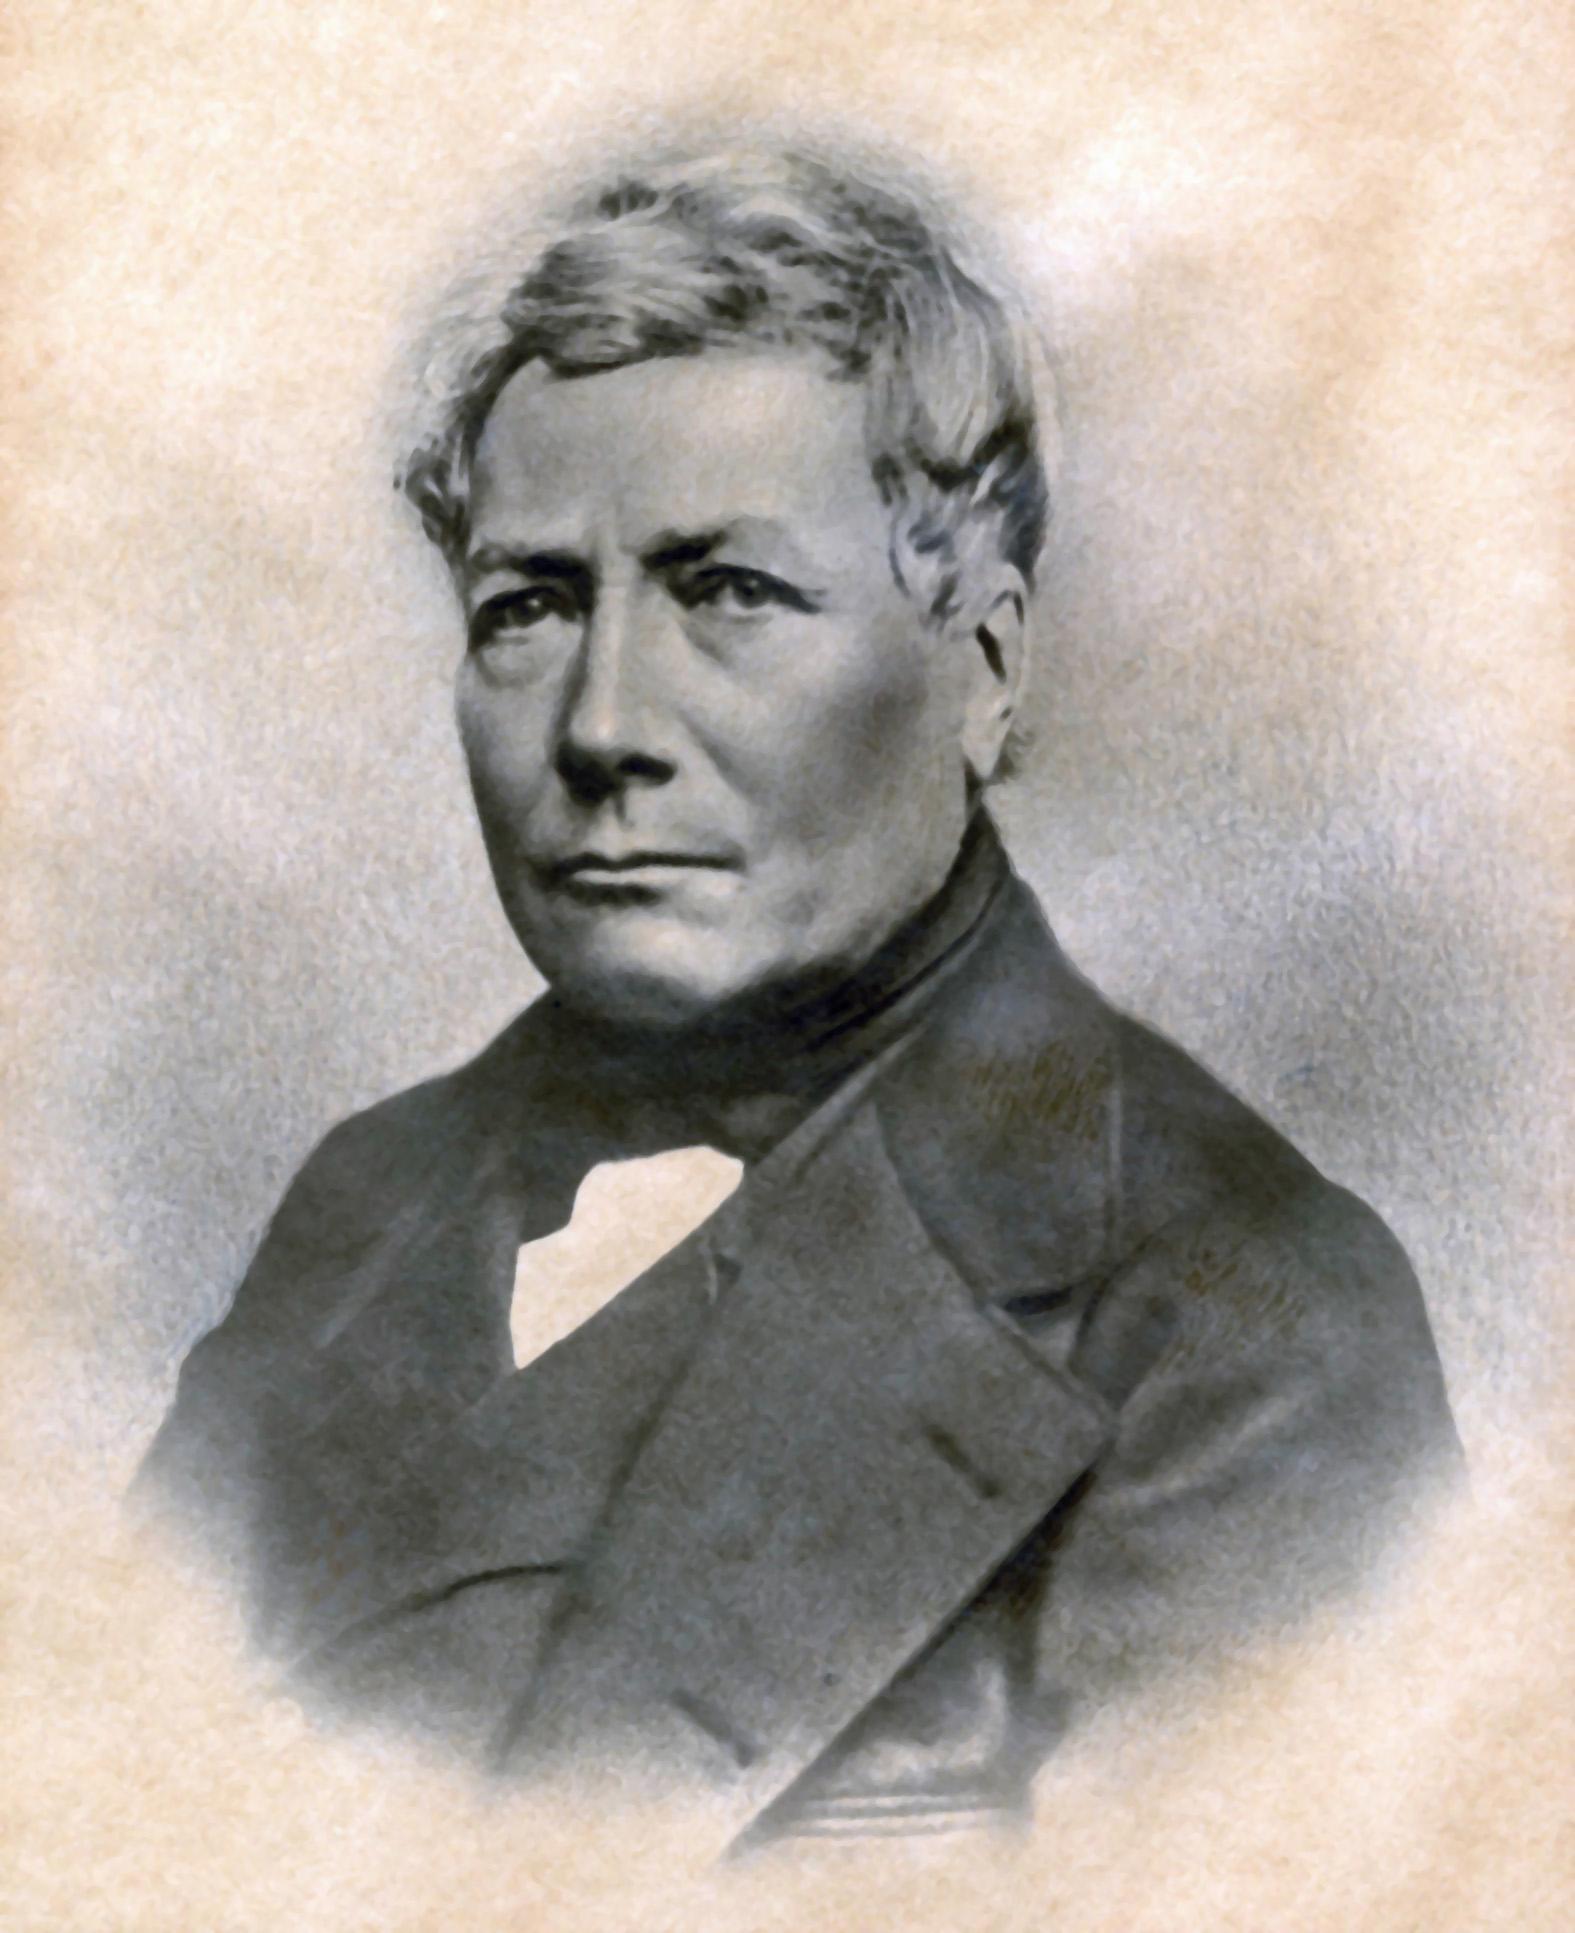 Depiction of Jean Baptiste Noulet